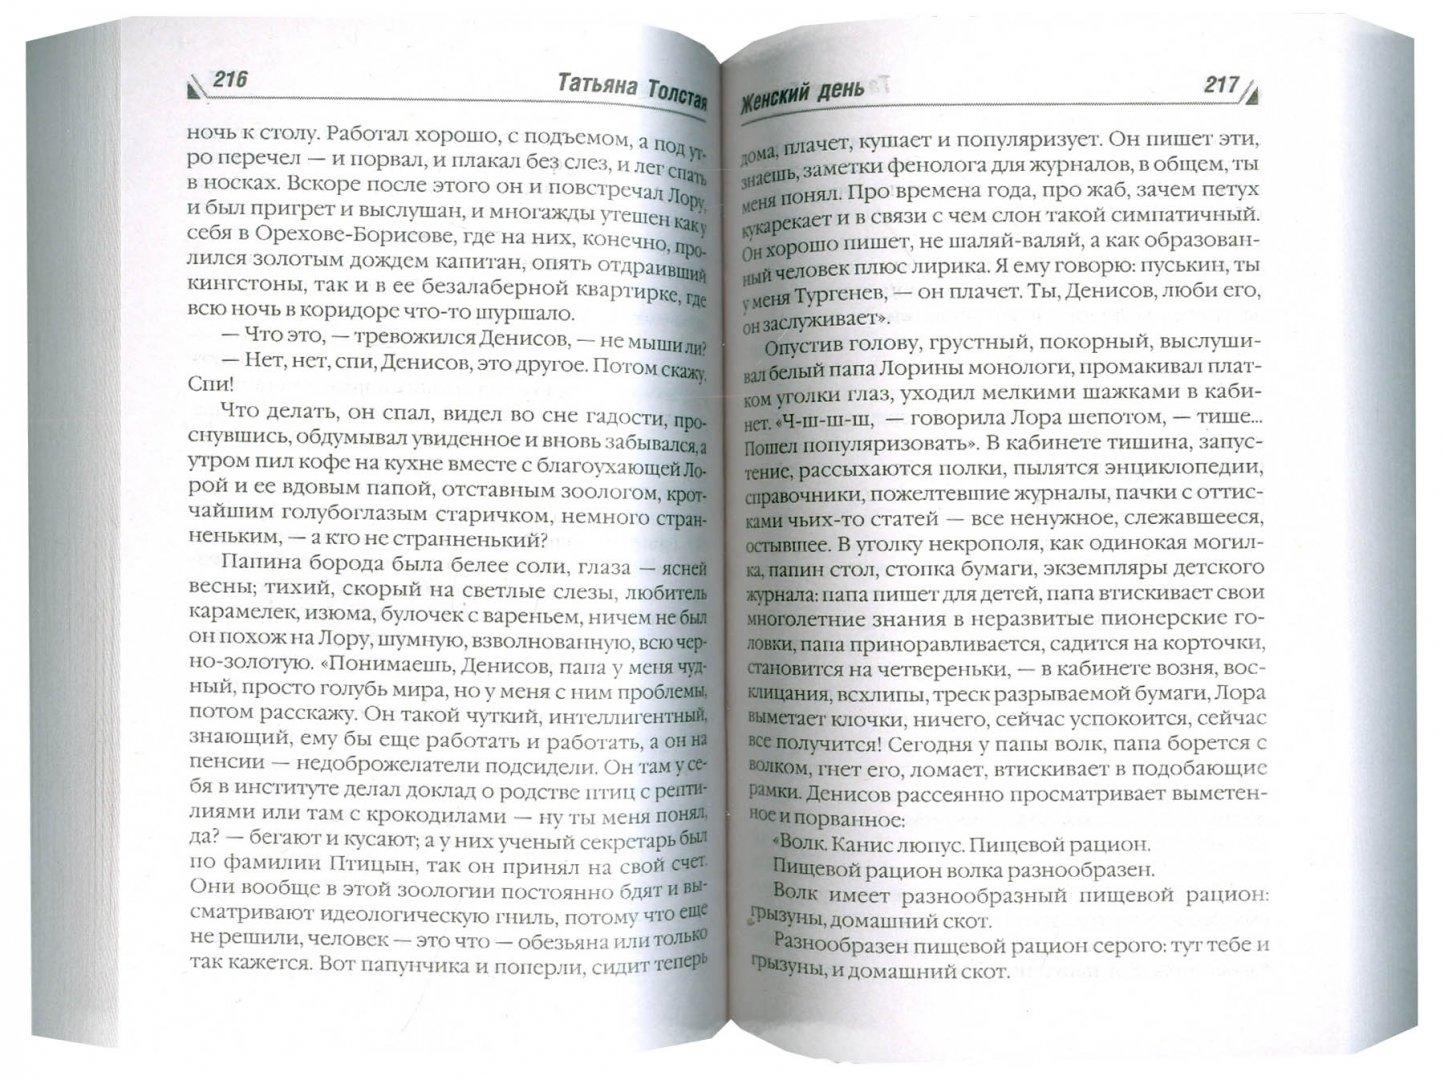 Иллюстрация 1 из 5 для Женский день - Татьяна Толстая | Лабиринт - книги. Источник: Лабиринт